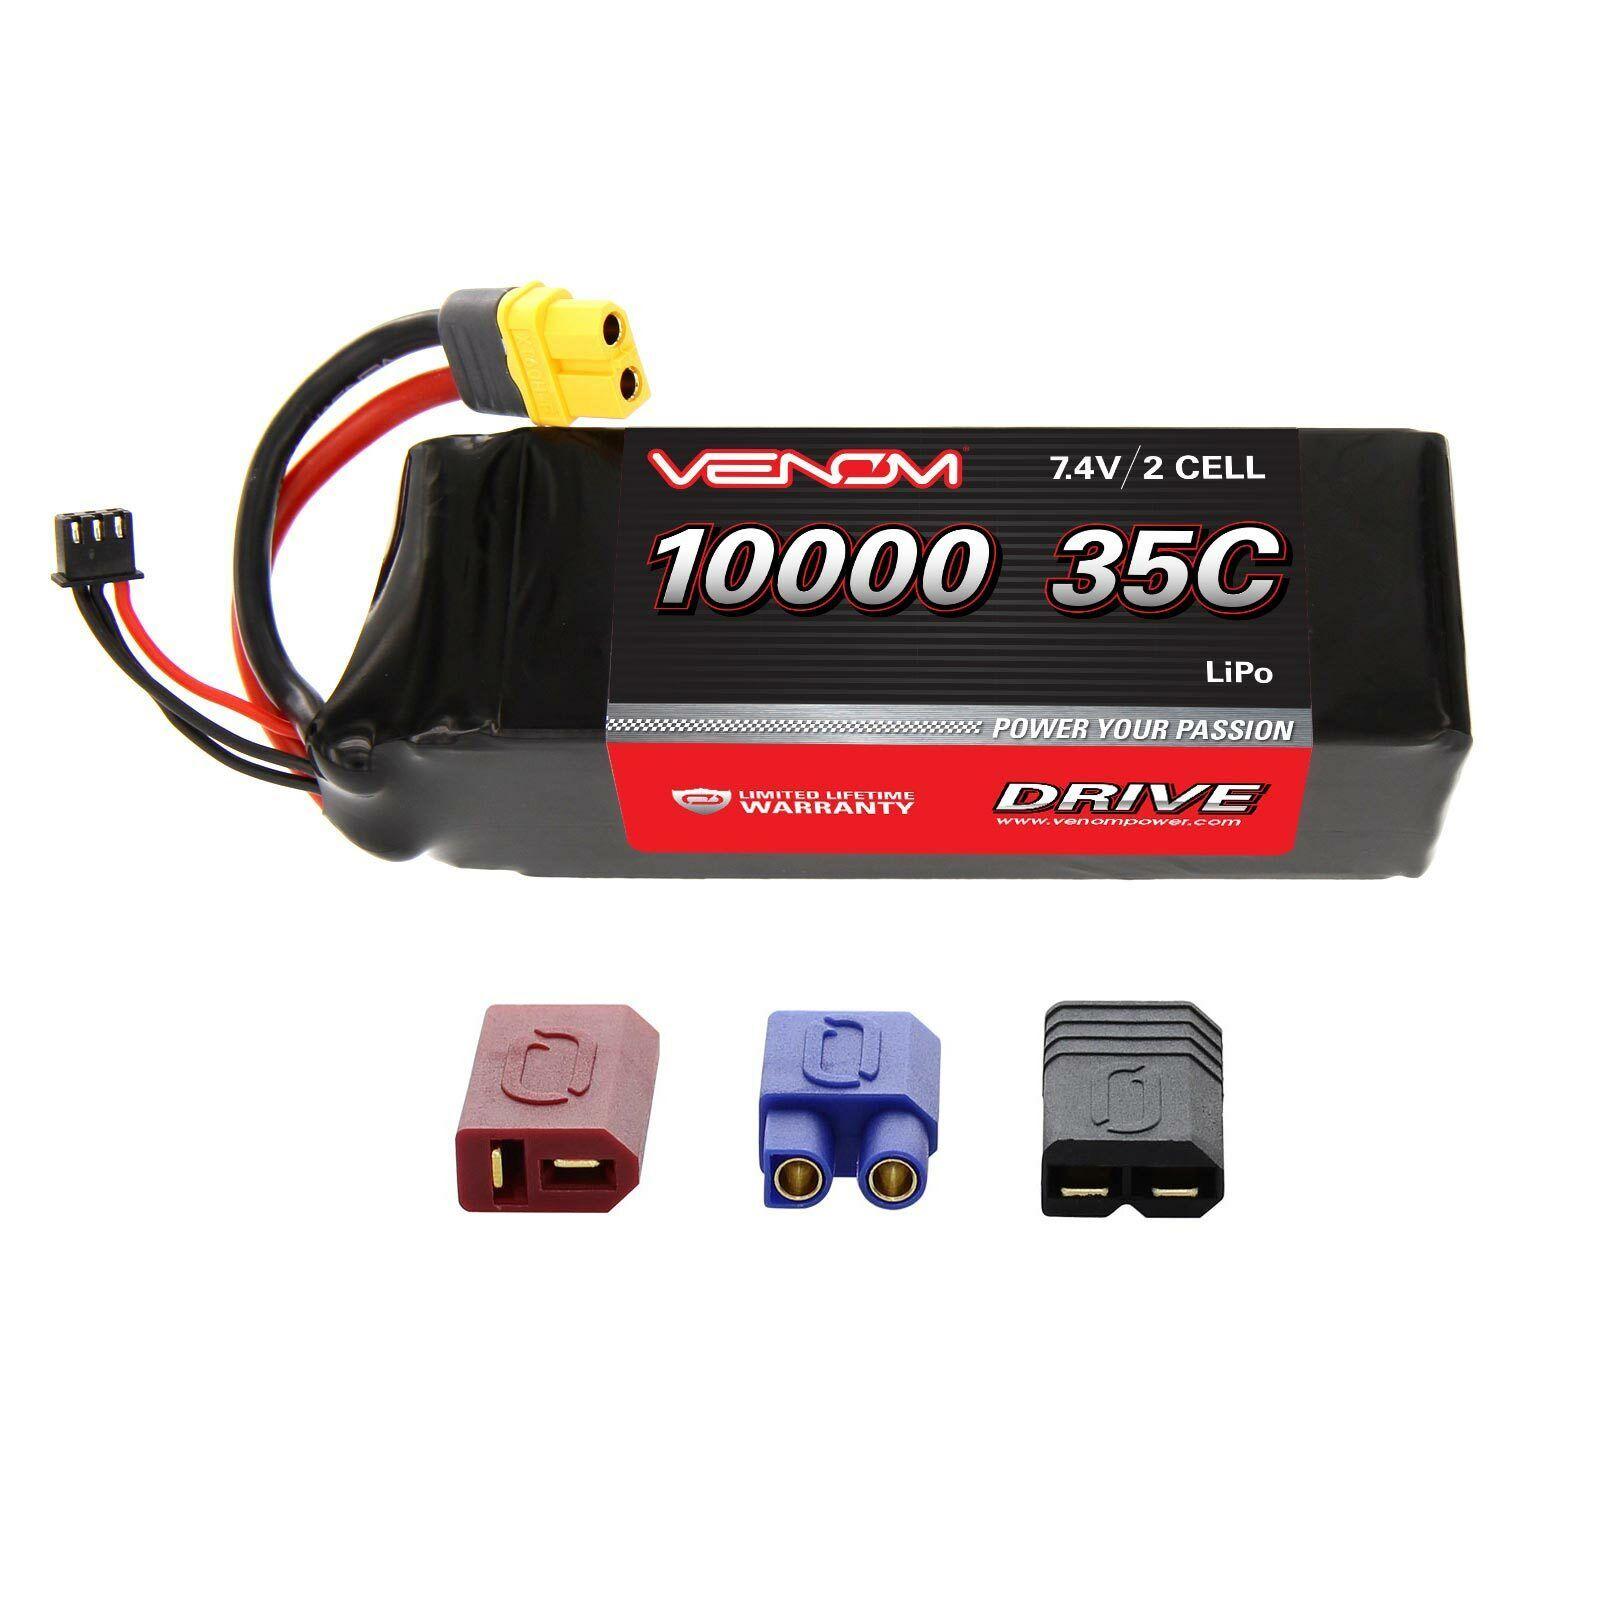 Axial SCX10 Ram Power Wagon 35C 7.4V 10000mAh Batería Lipo por Venom